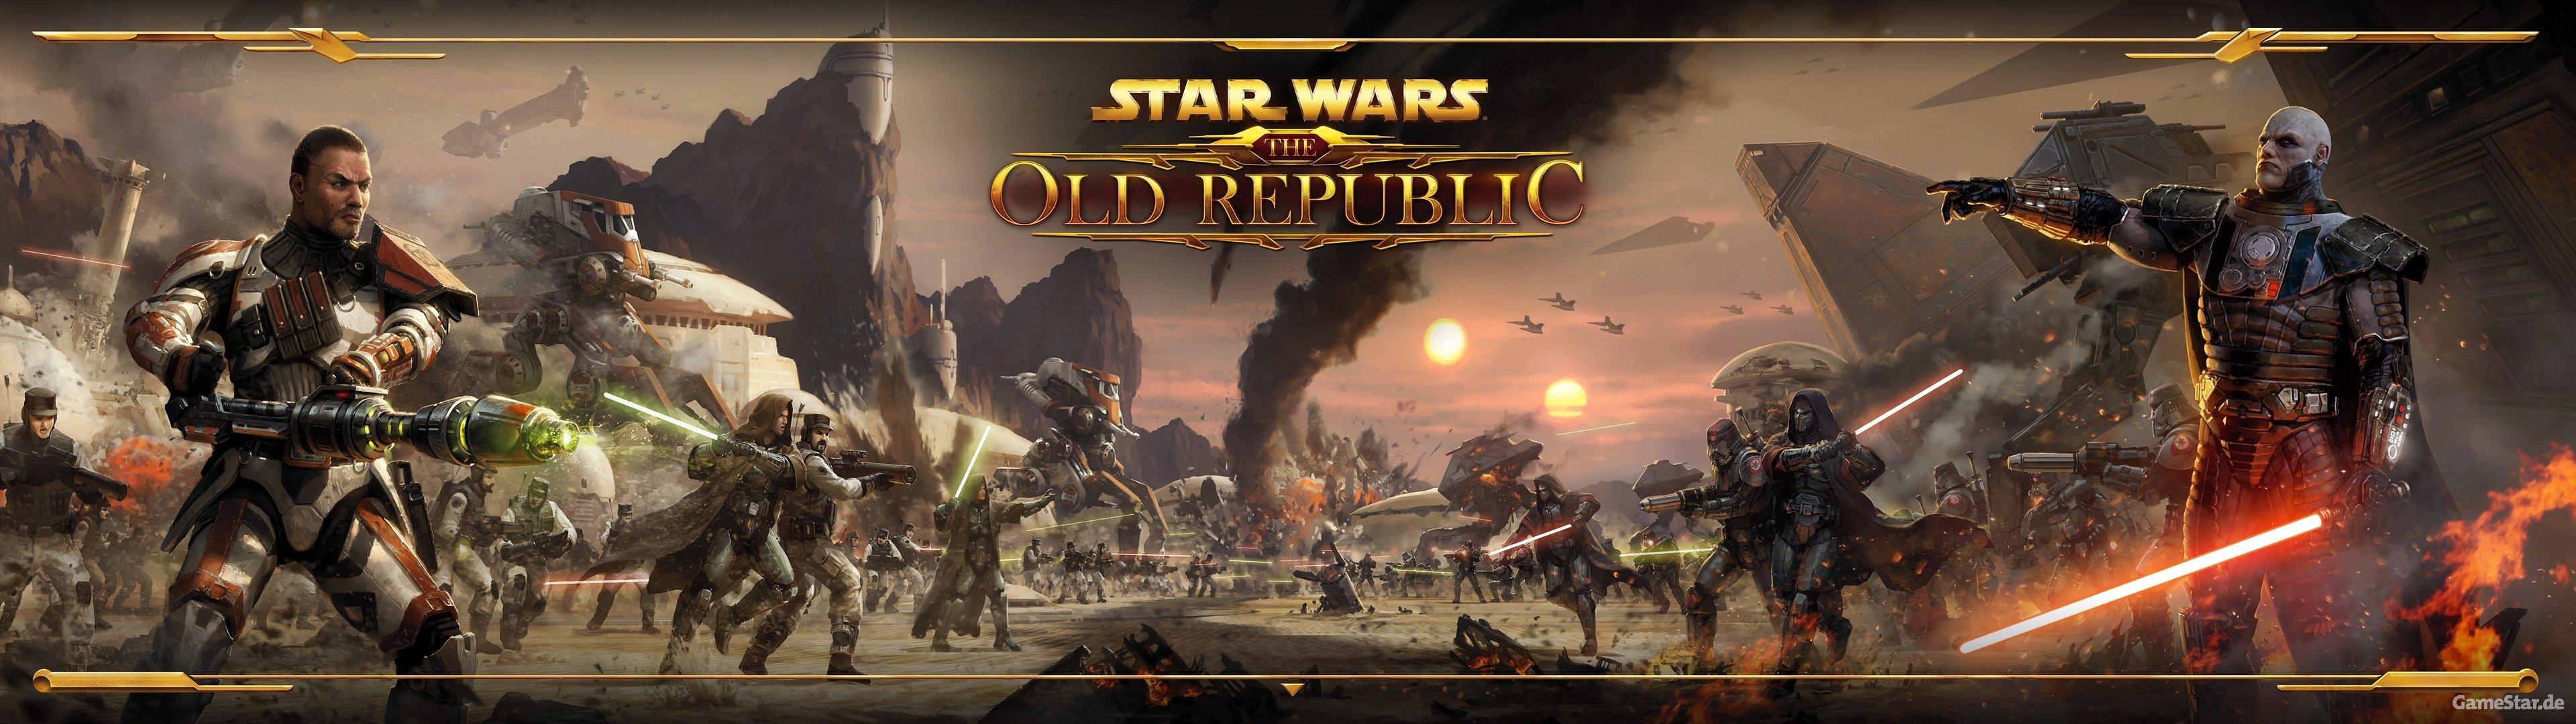 46 3840x1080 Wallpaper Star Wars On Wallpapersafari